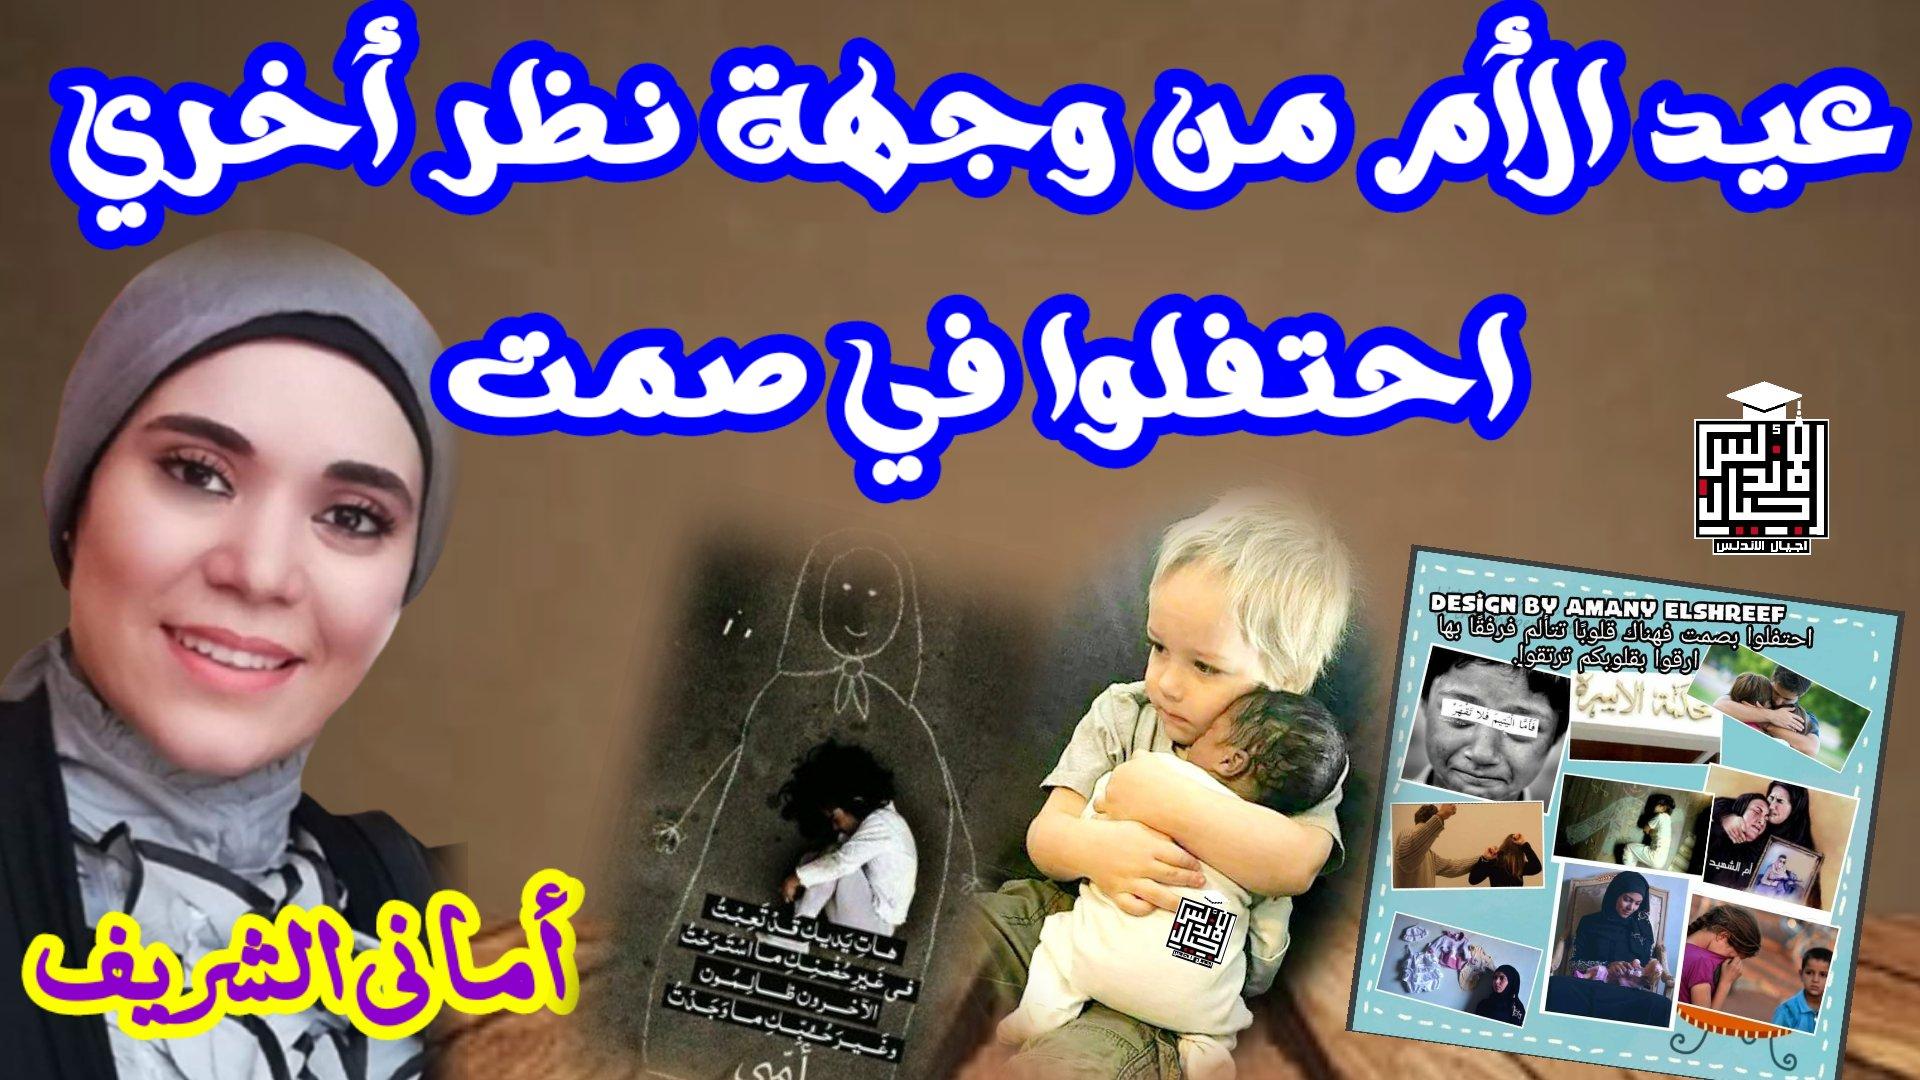 عيد الام من وجهة نظر أخري .. احتفلوا في صمت هناك من يتألم